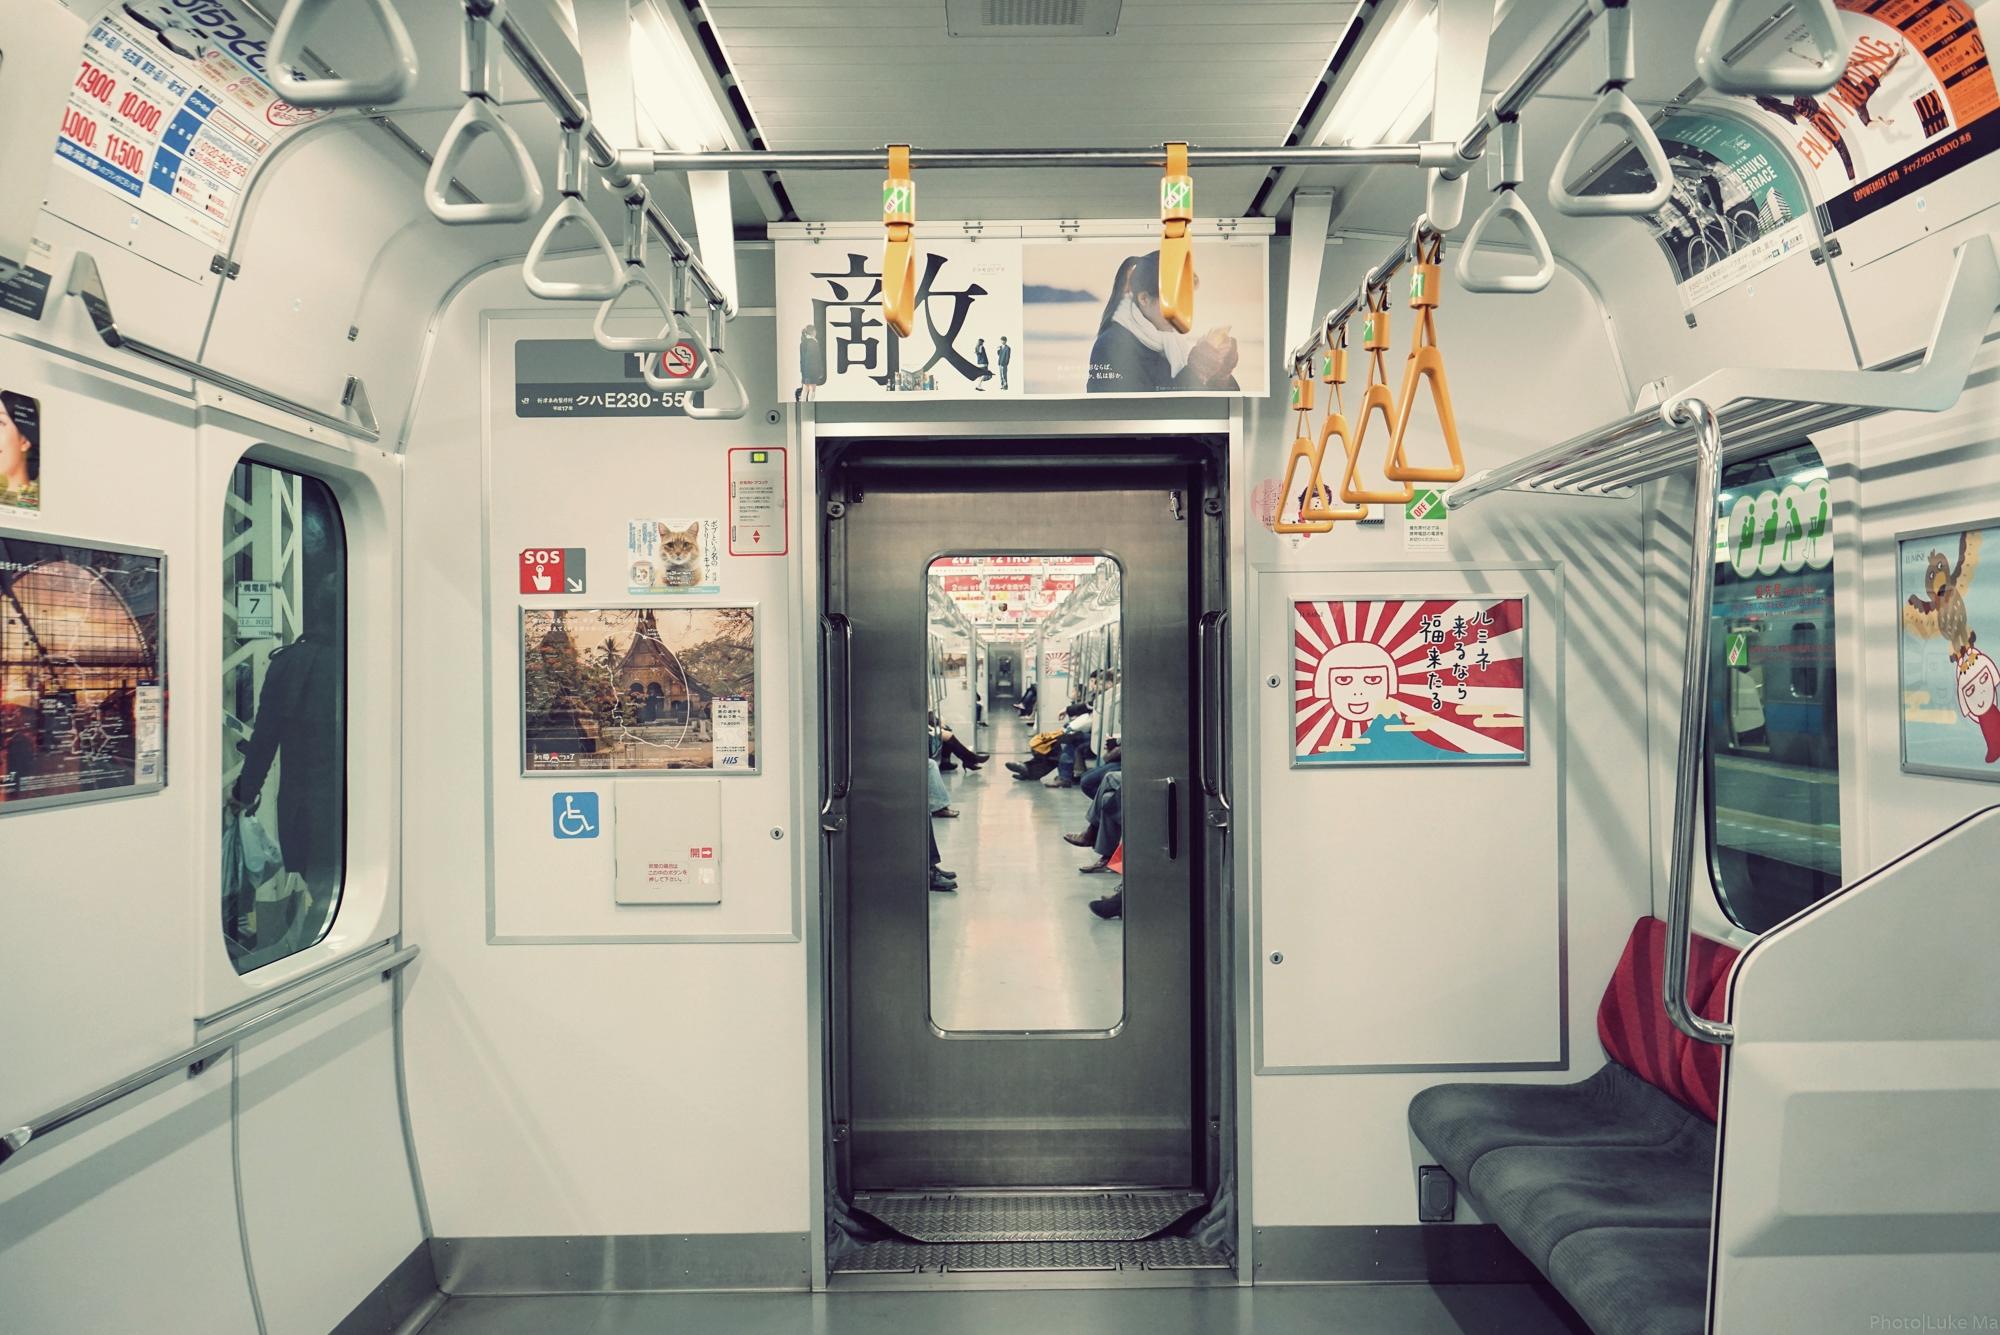 Metro train - Sony A7R